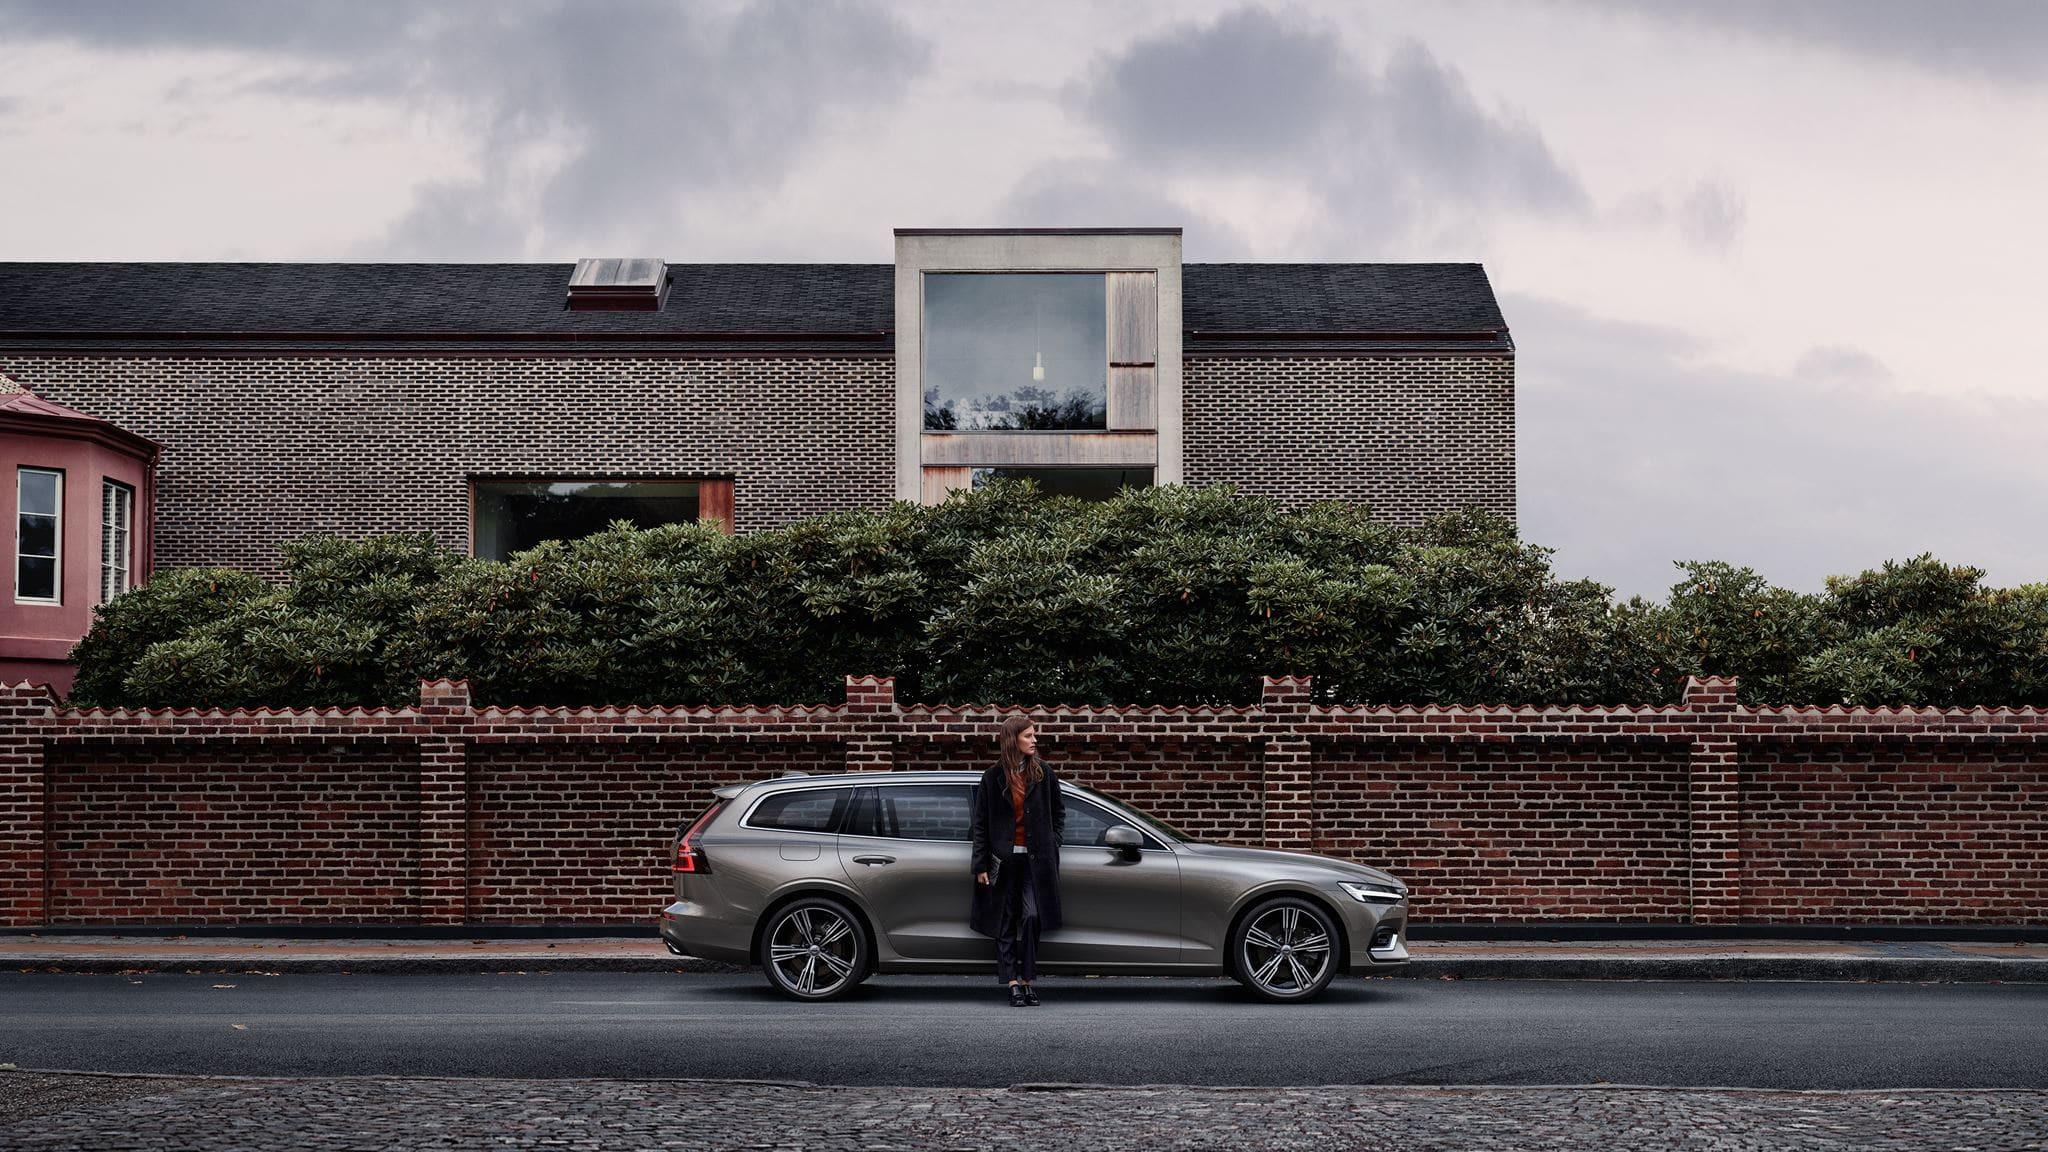 Lateral Volvo v60 aparcado